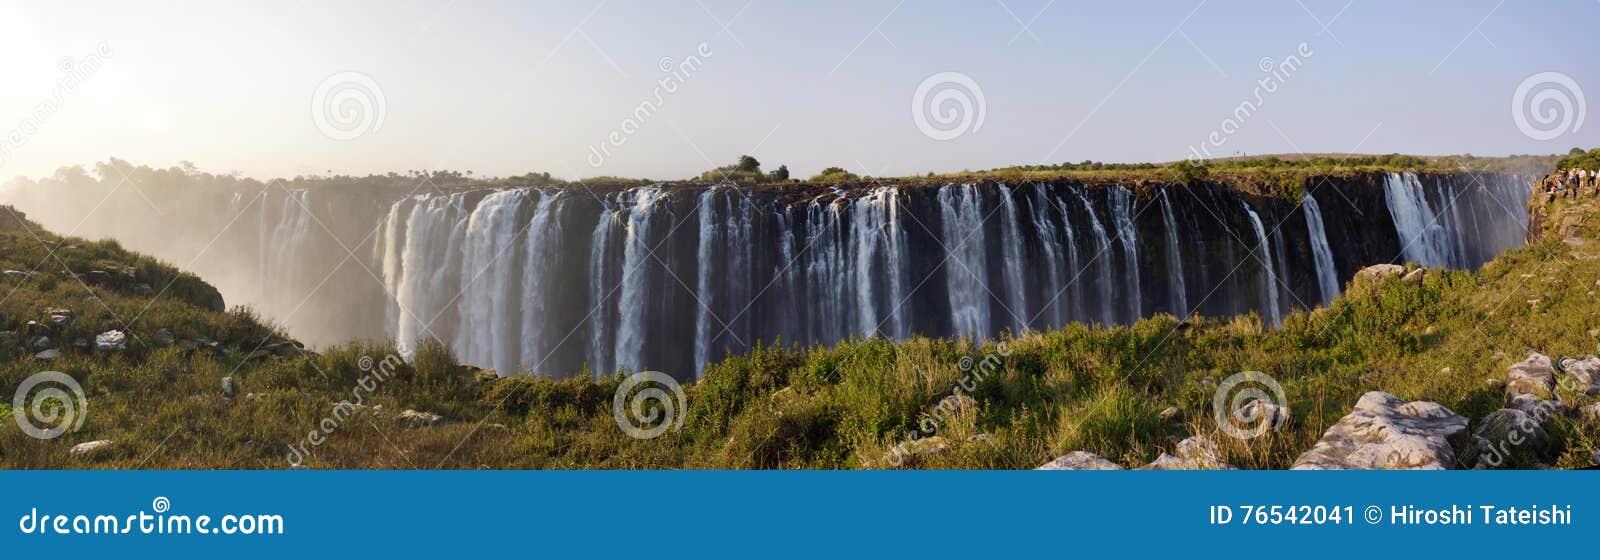 Opinião Victoria Falls do lado de Zimbabwe